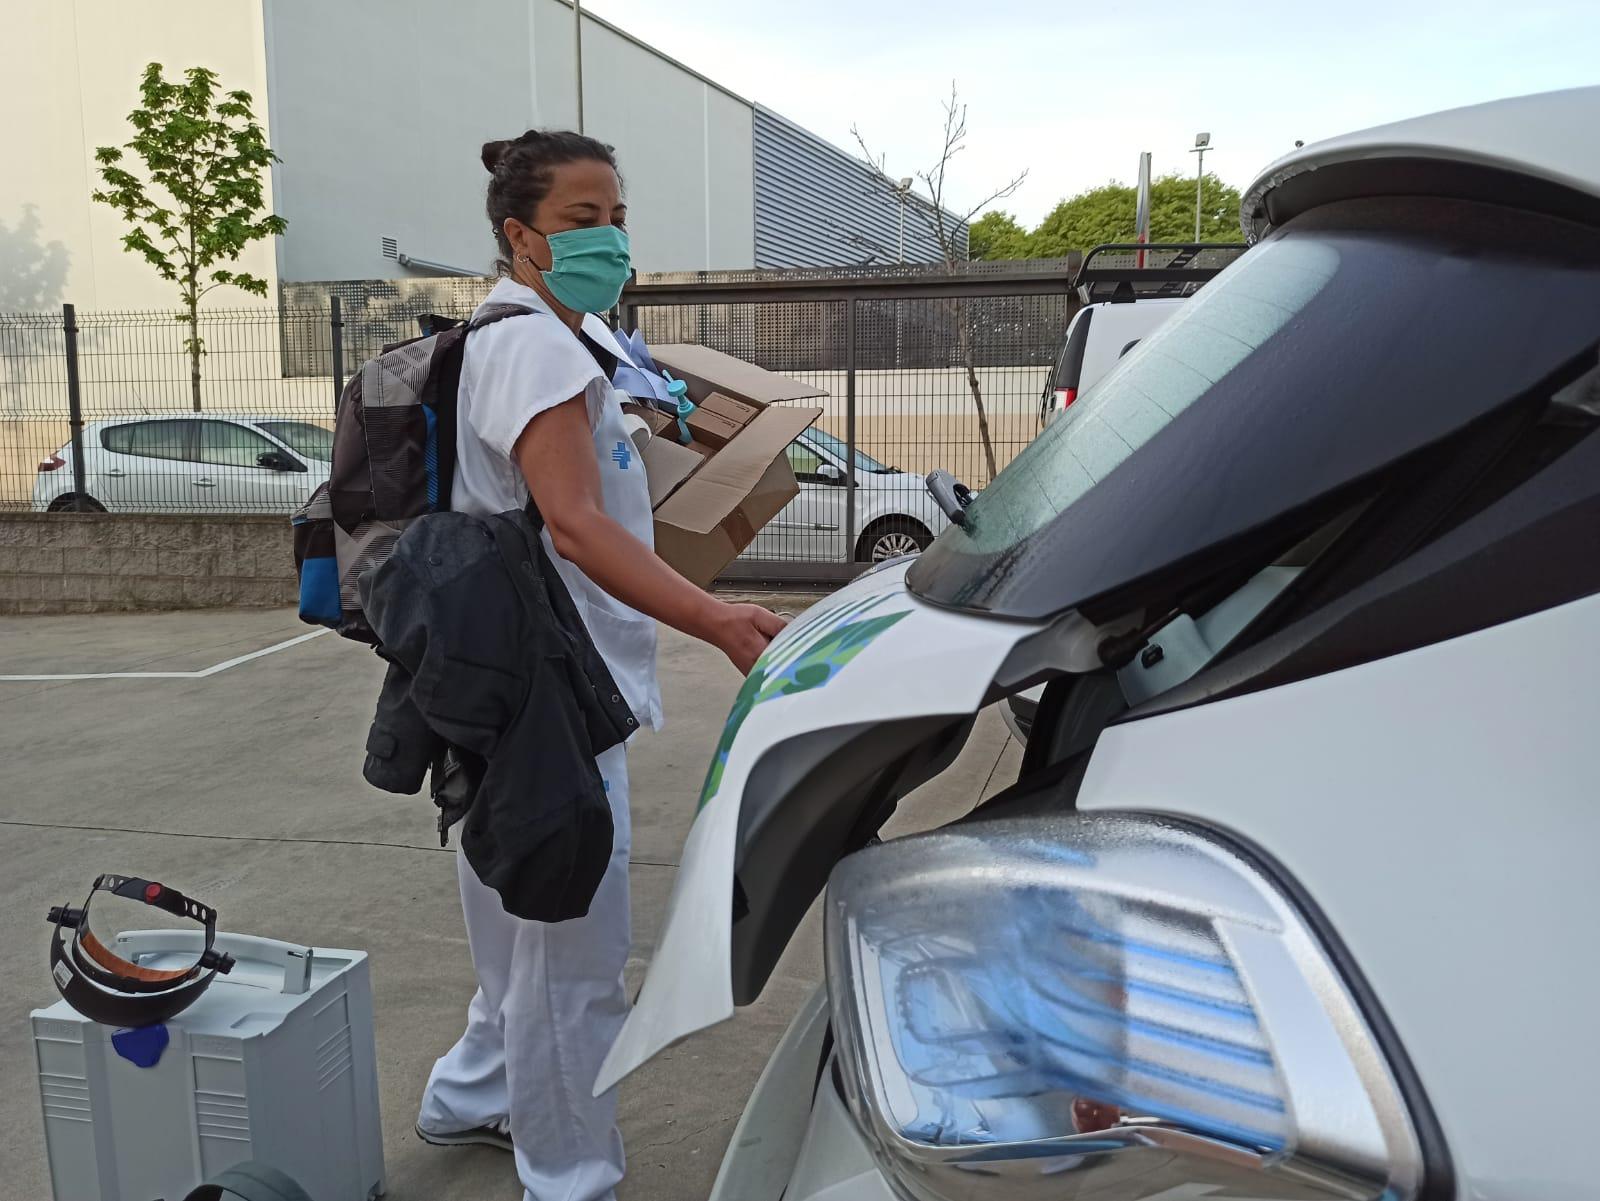 Un equip de l'atenció primària fa les extraccions de mostres per fer la prova del Covid a residències i domicilis particulars a la Regió Sanitària de Girona